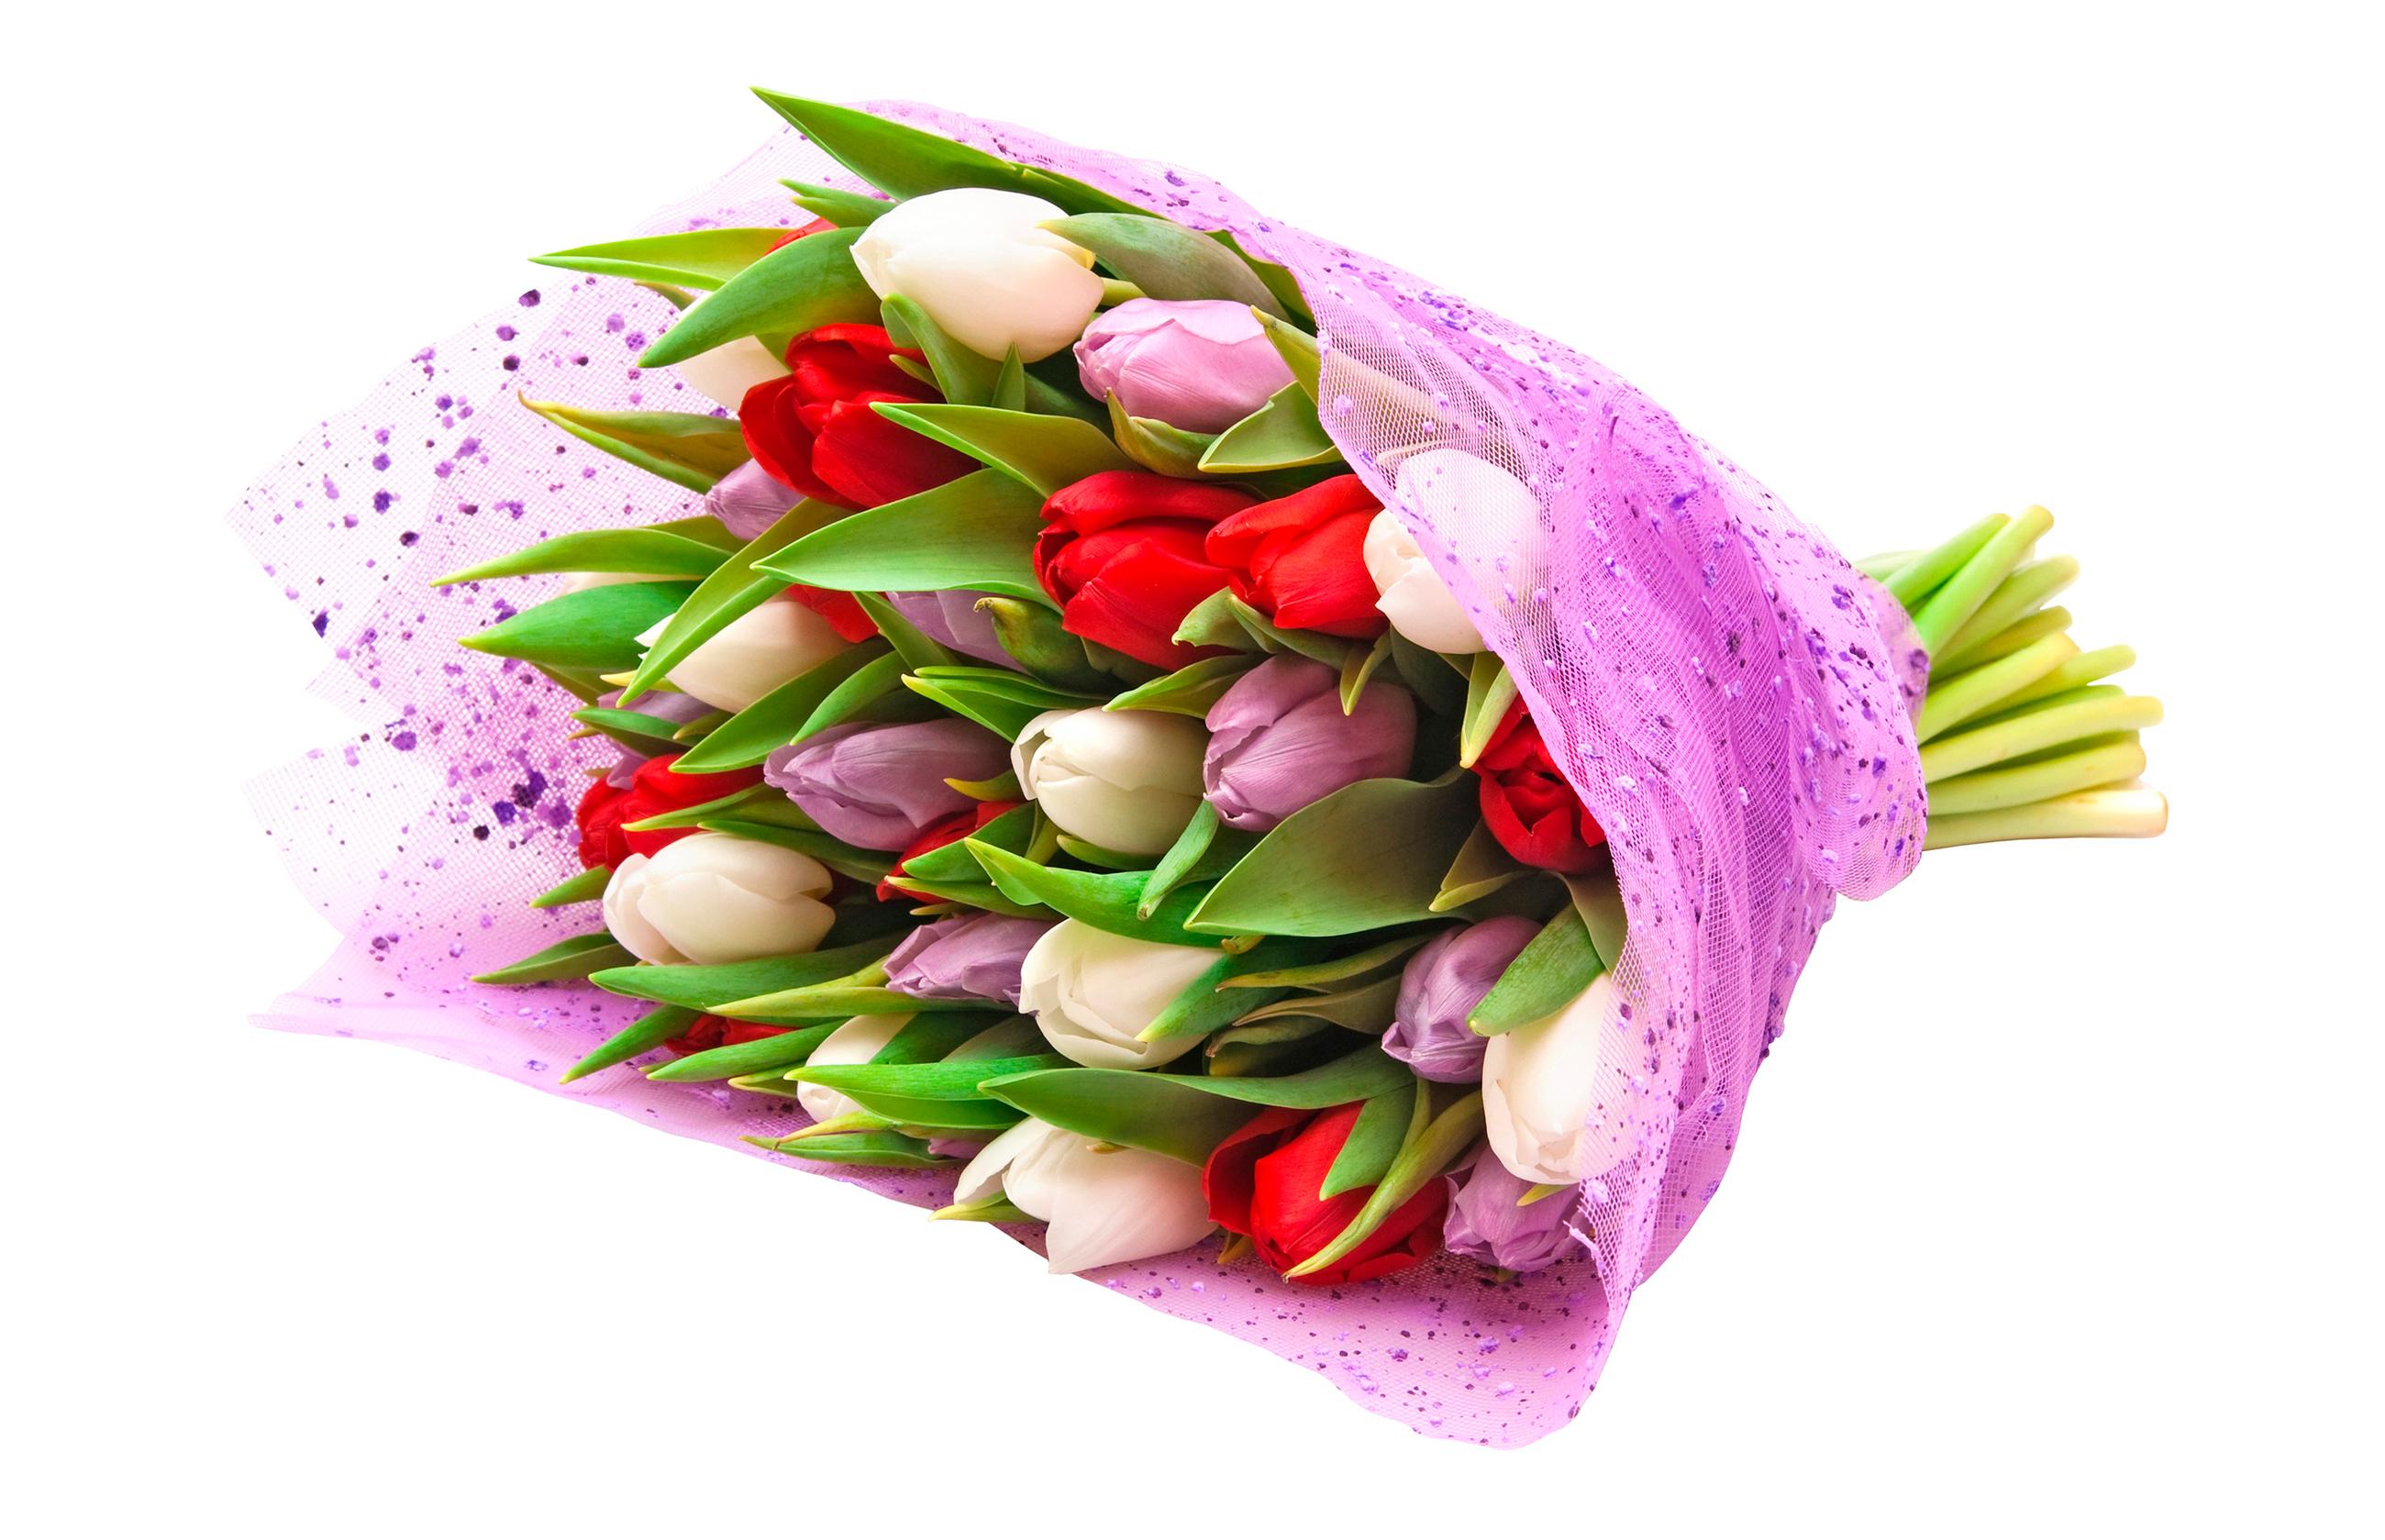 tulip-photo-107